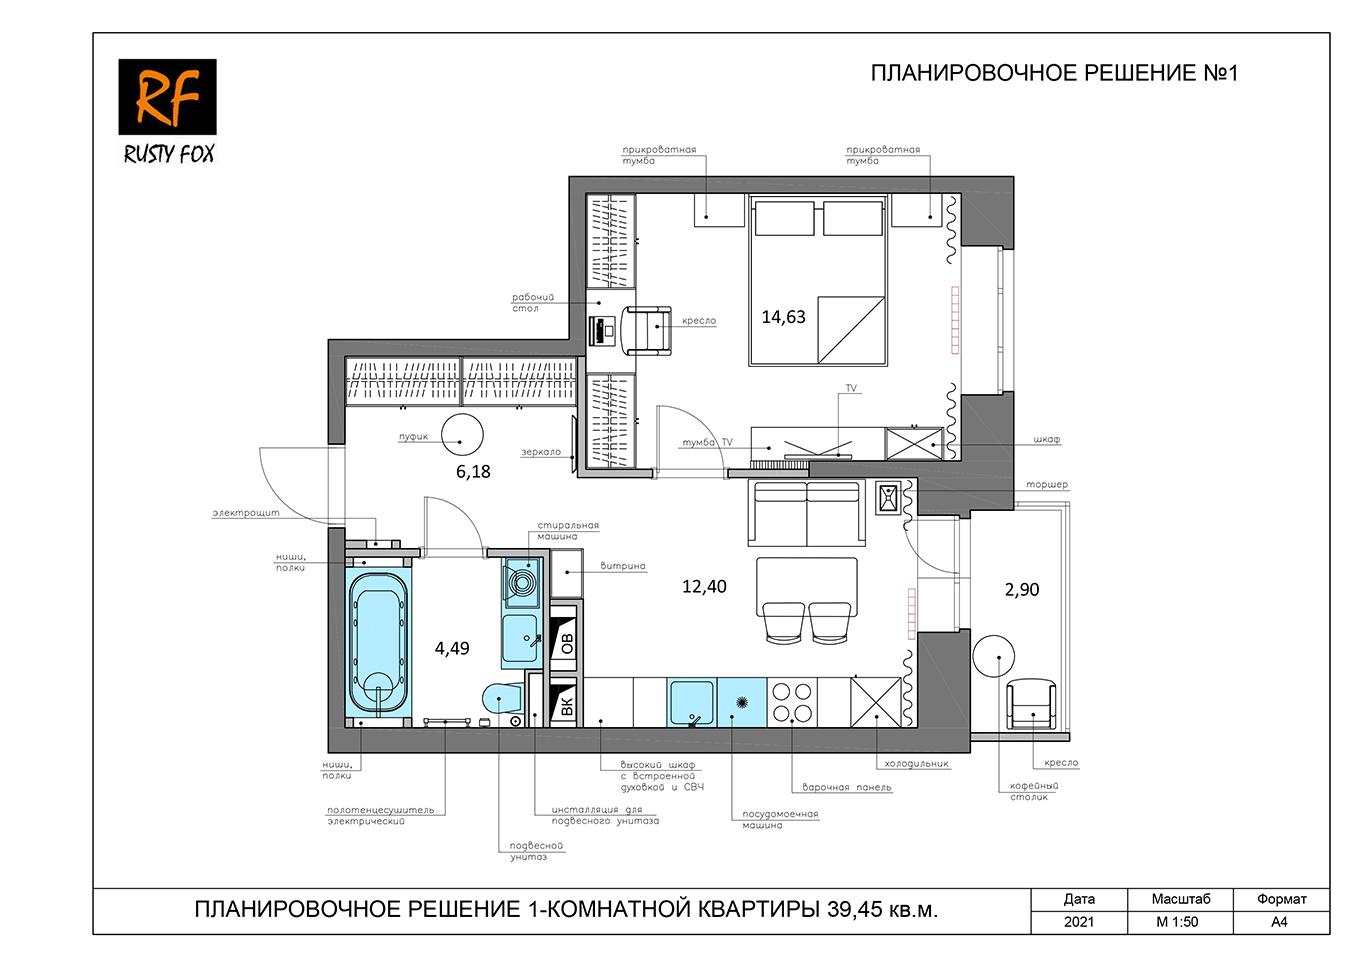 ЖК Люберцы корпус 54, 1-комнатная квартира правая 39,45 кв.м. Планировочное решение №1.